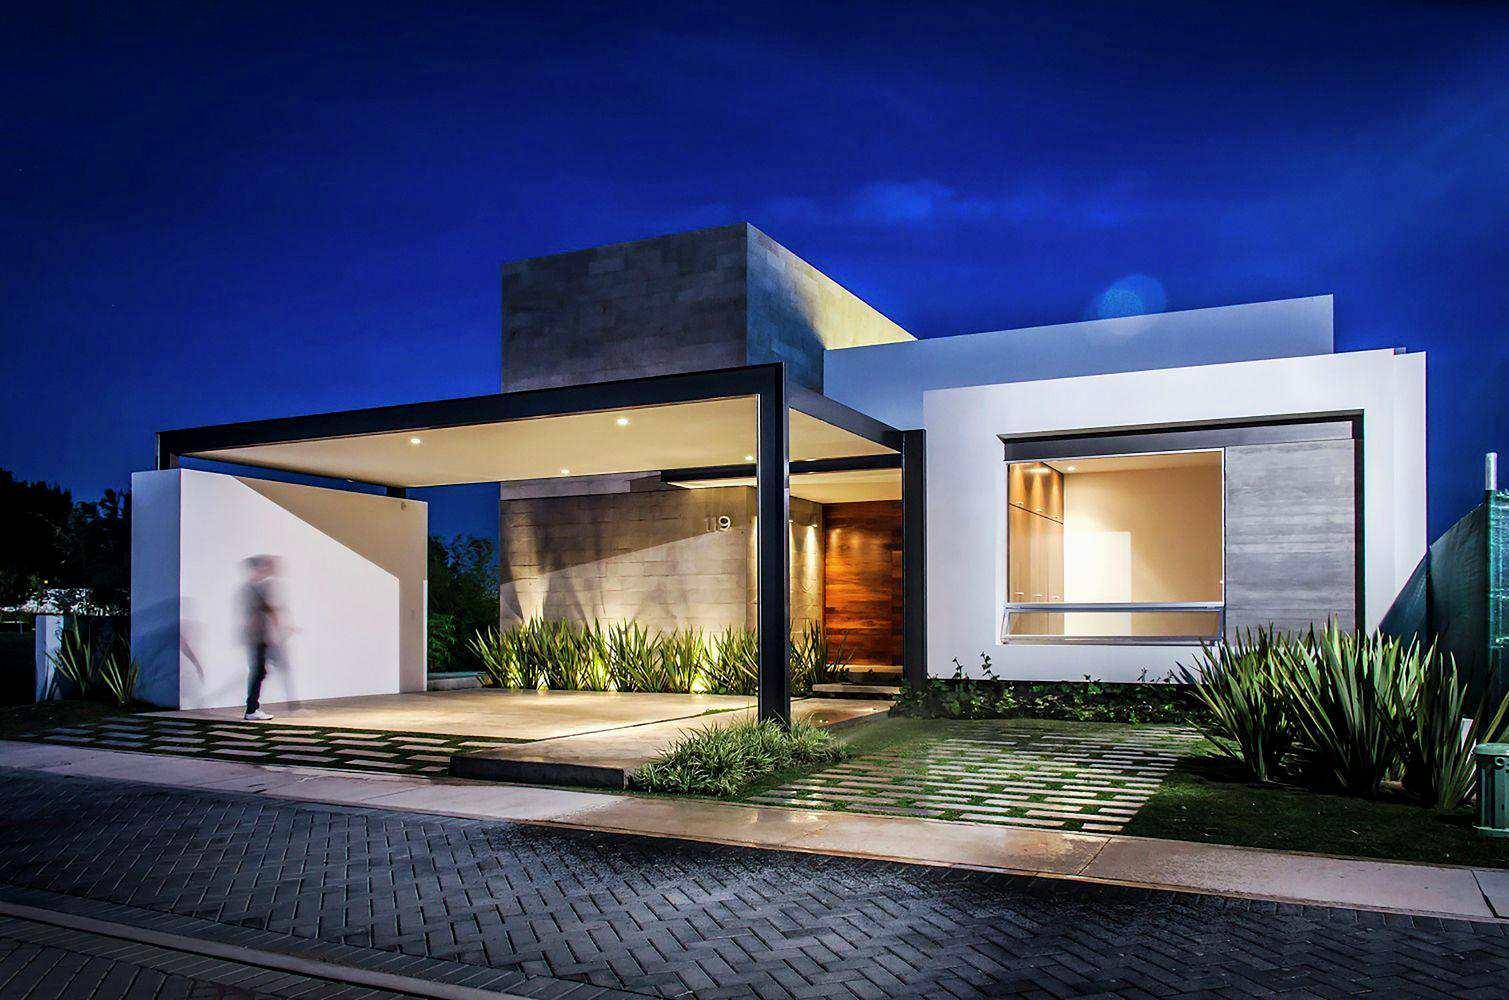 Casa de Condomínio com 2 dorms, Tupiry, Praia Grande - R$ 9.99 mi, Cod: 5